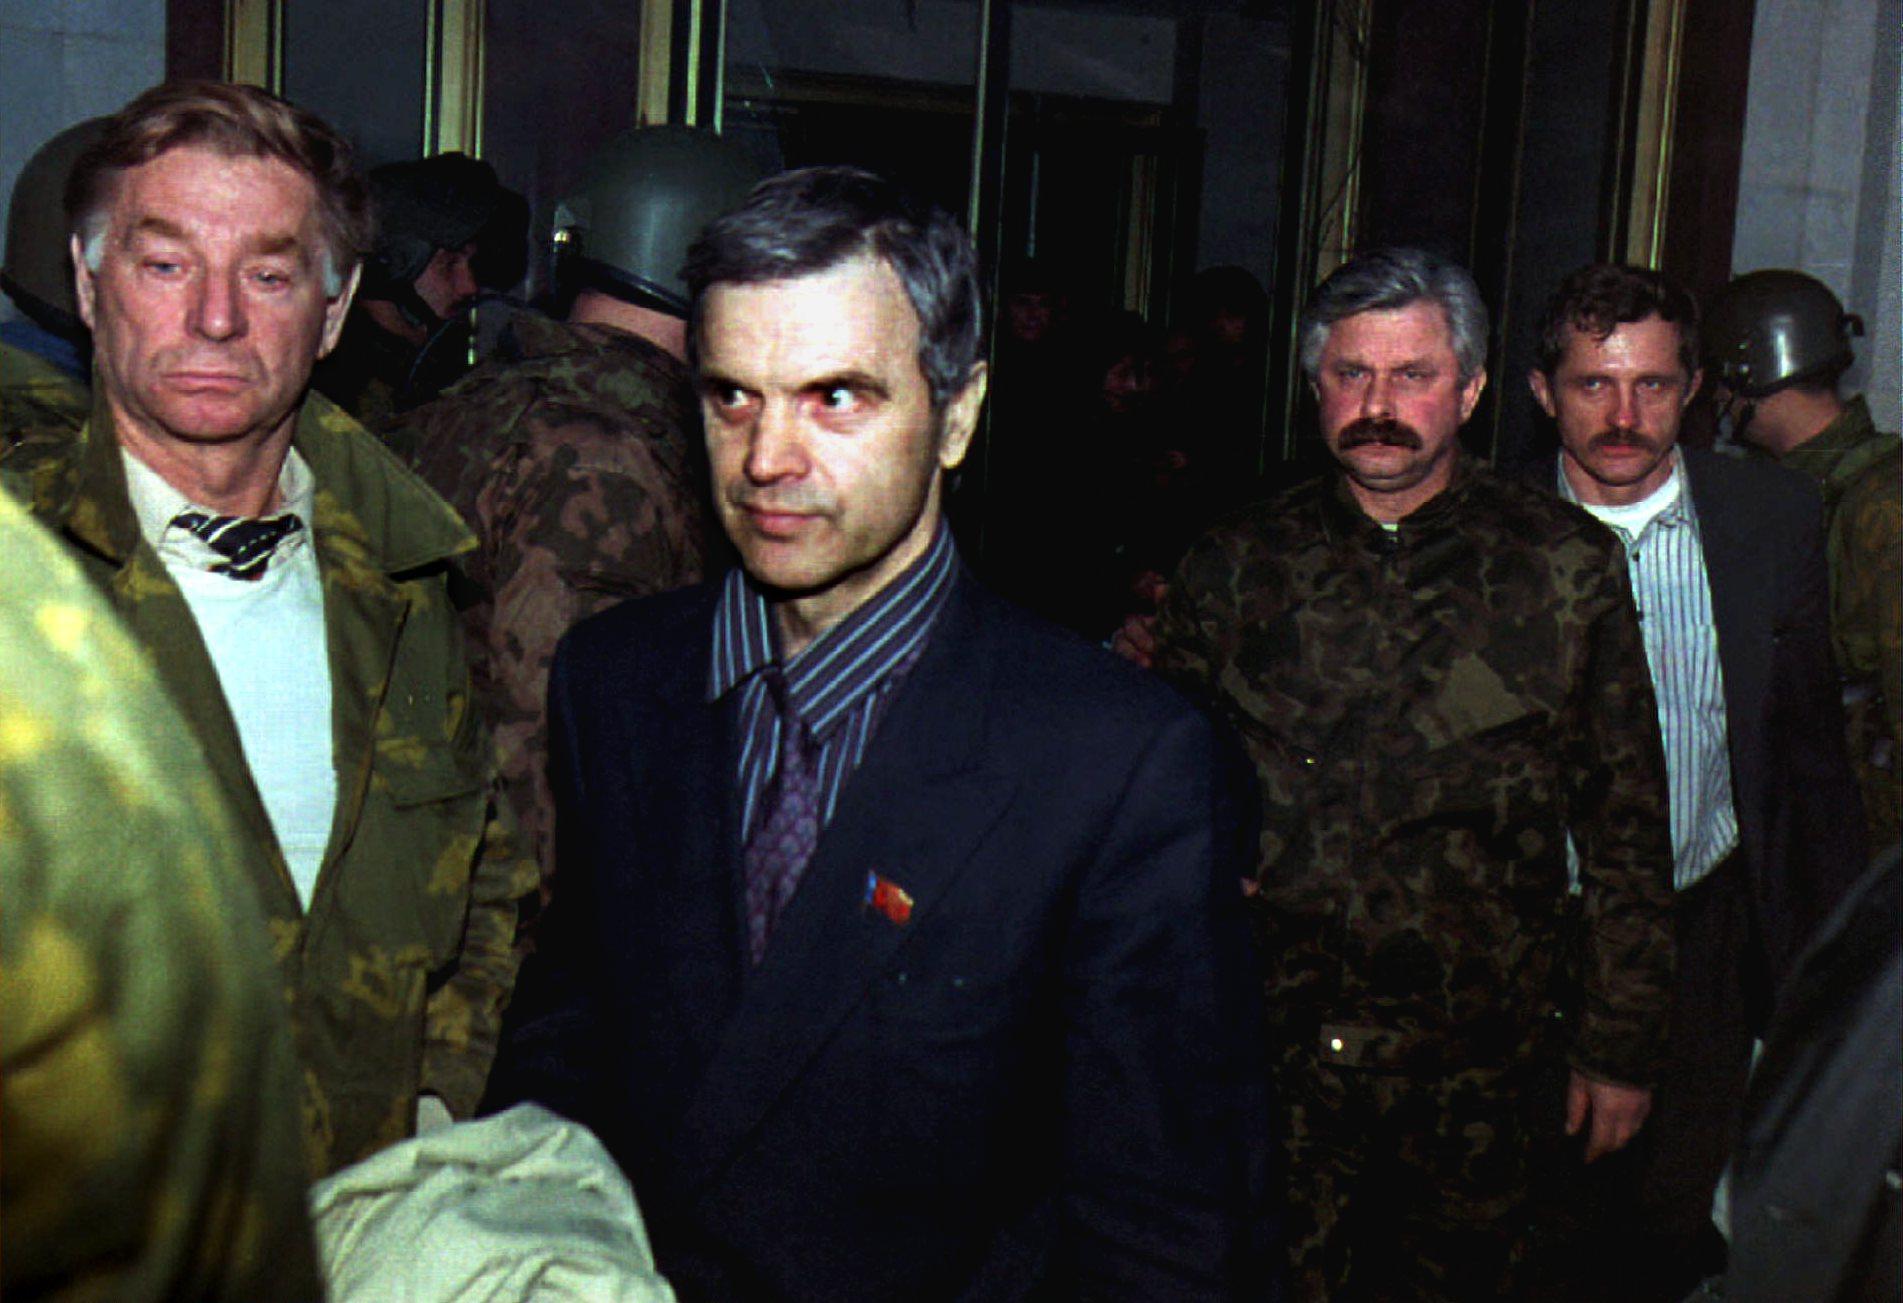 Бывший председатель парламента Руслан Хасбулатов  и бывший вице-президент Александр Руцкой